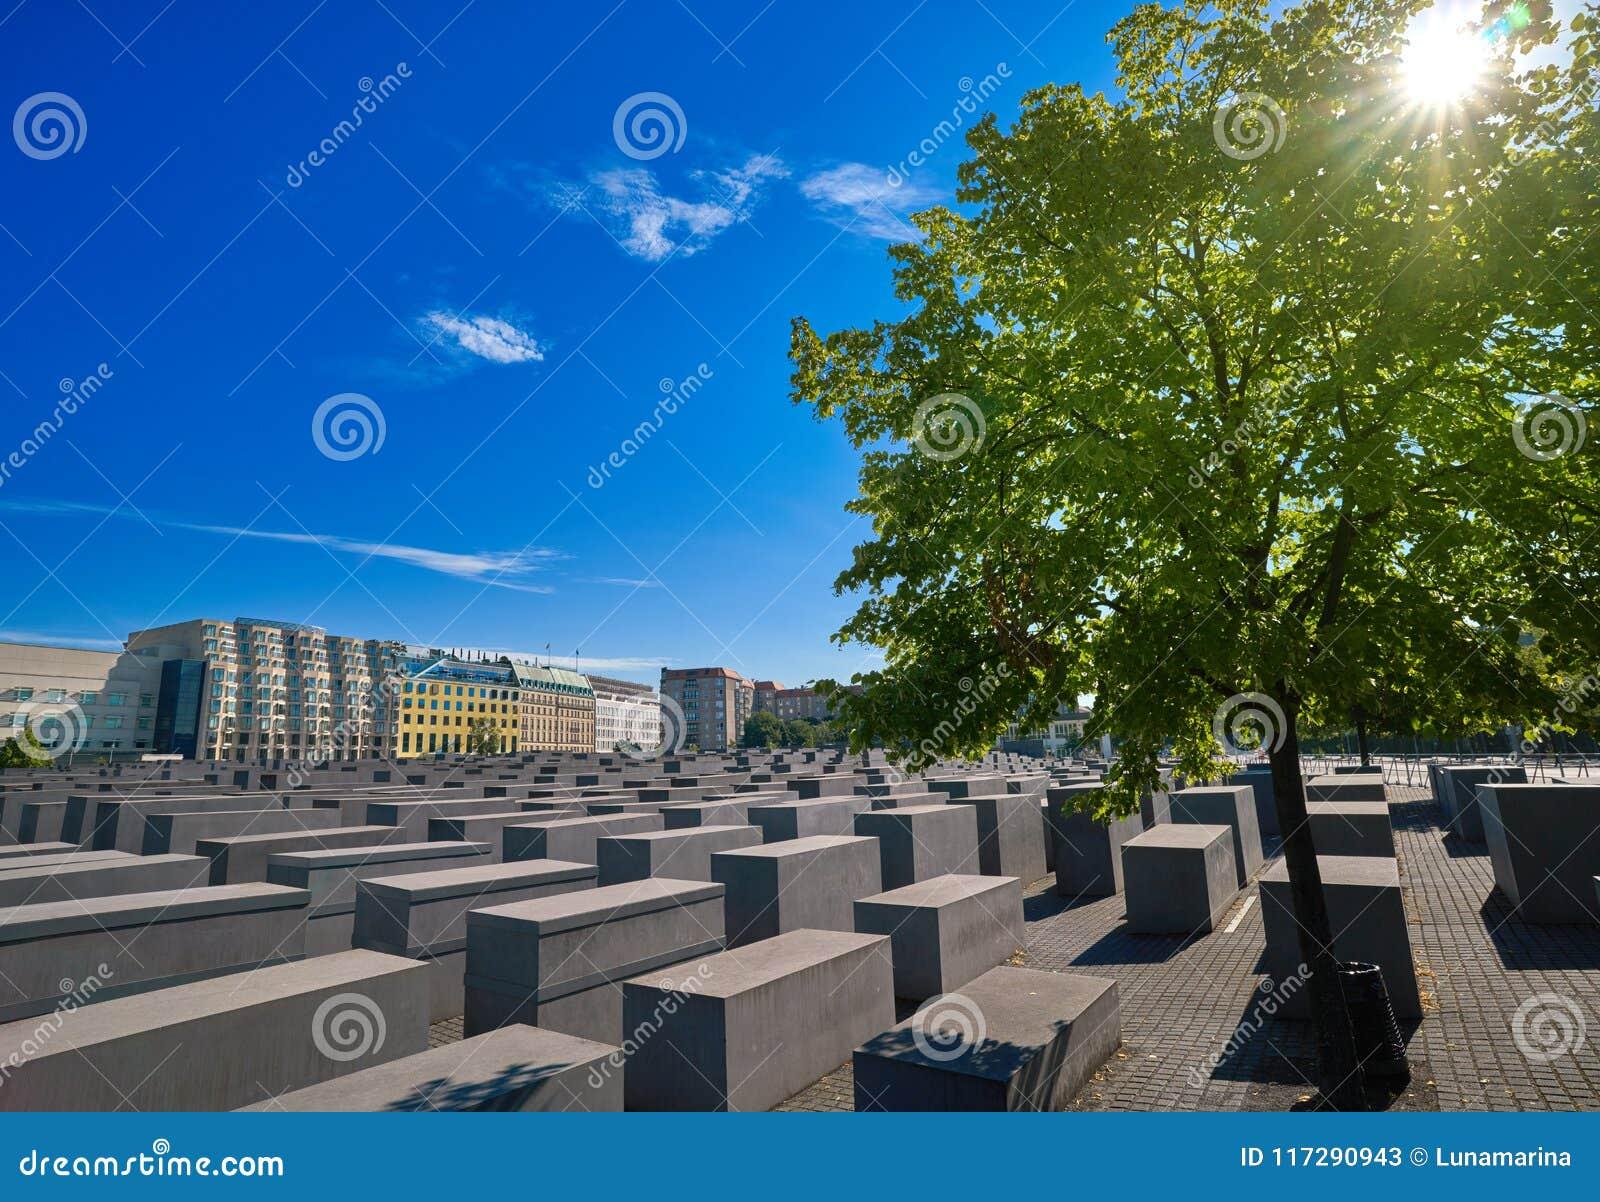 Berlin Holocaust Memorial a los judíos asesinados